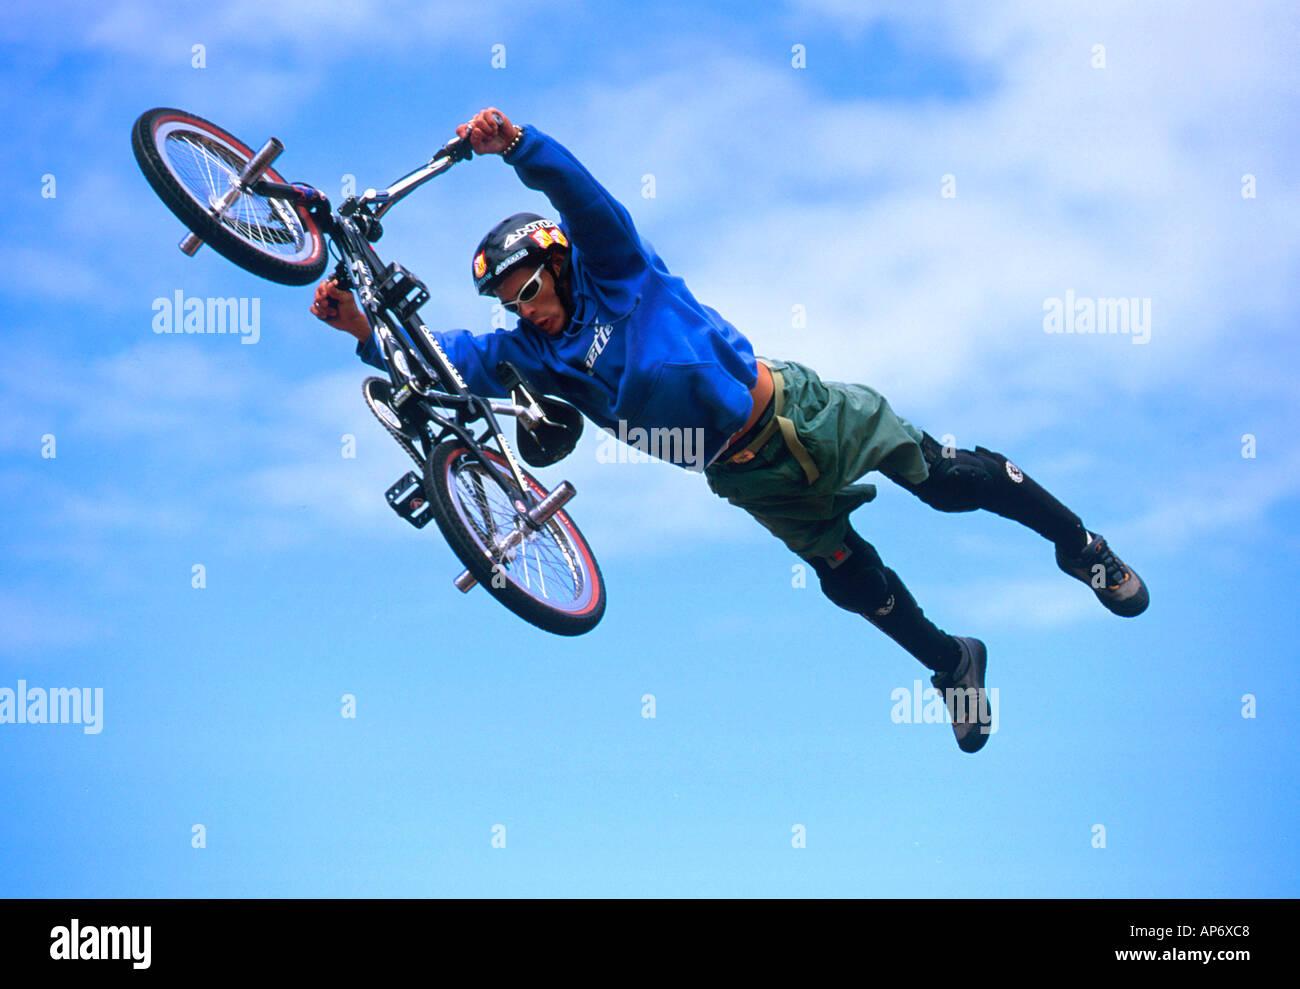 Mid Air Bmx Stunt Accion Al Mundo De Los Juegos Extremos Melbourne